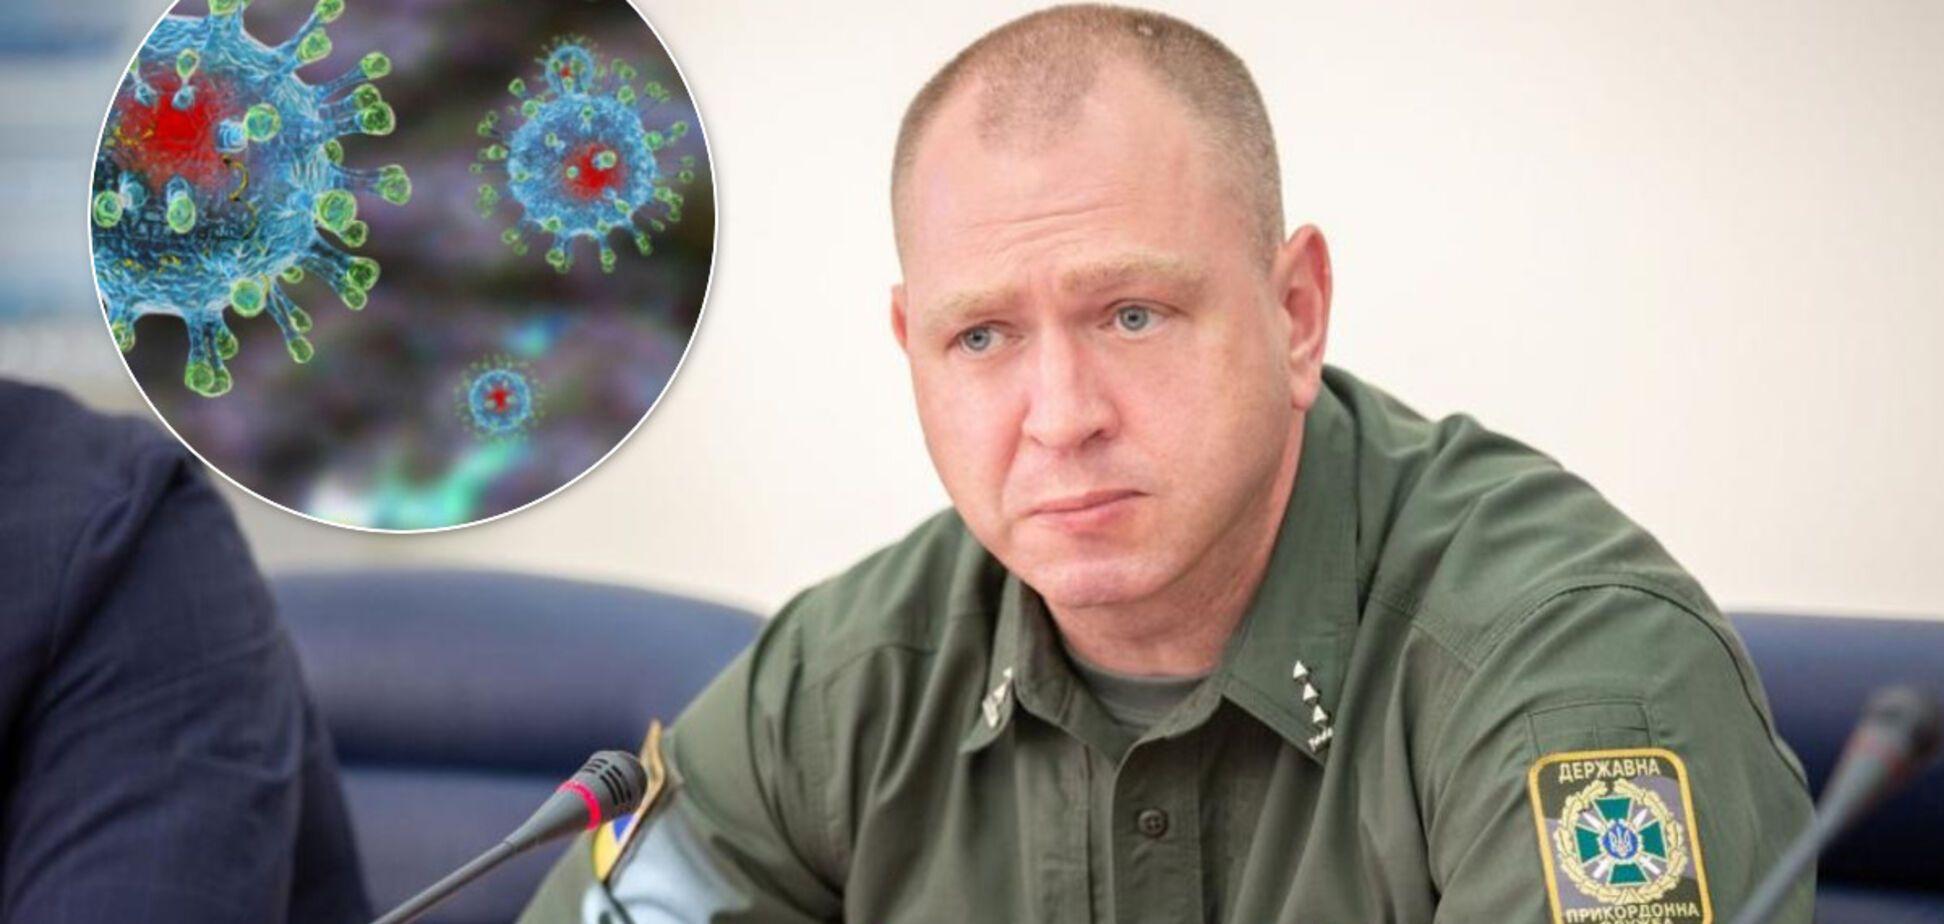 У Держприкордонслужбі виправдалися за слова глави про 'розправу' над тими, хто відмовився від перевірки на коронавірус